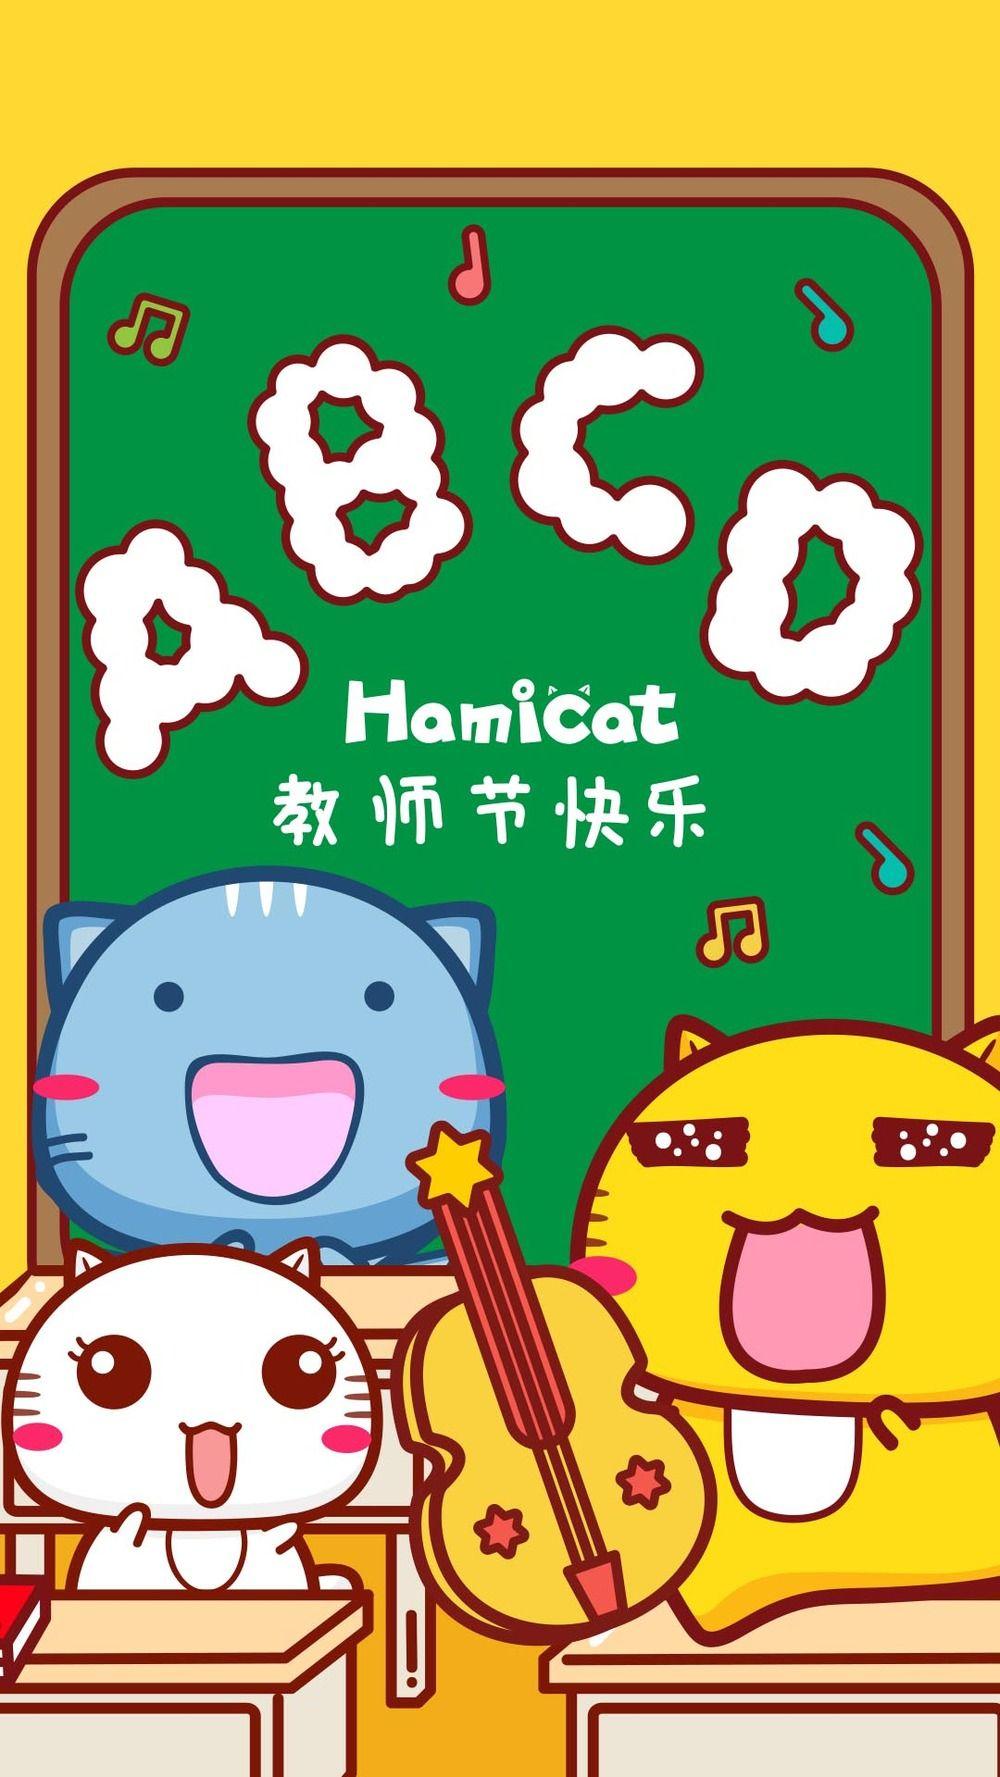 哈咪猫教师节快乐.jpg